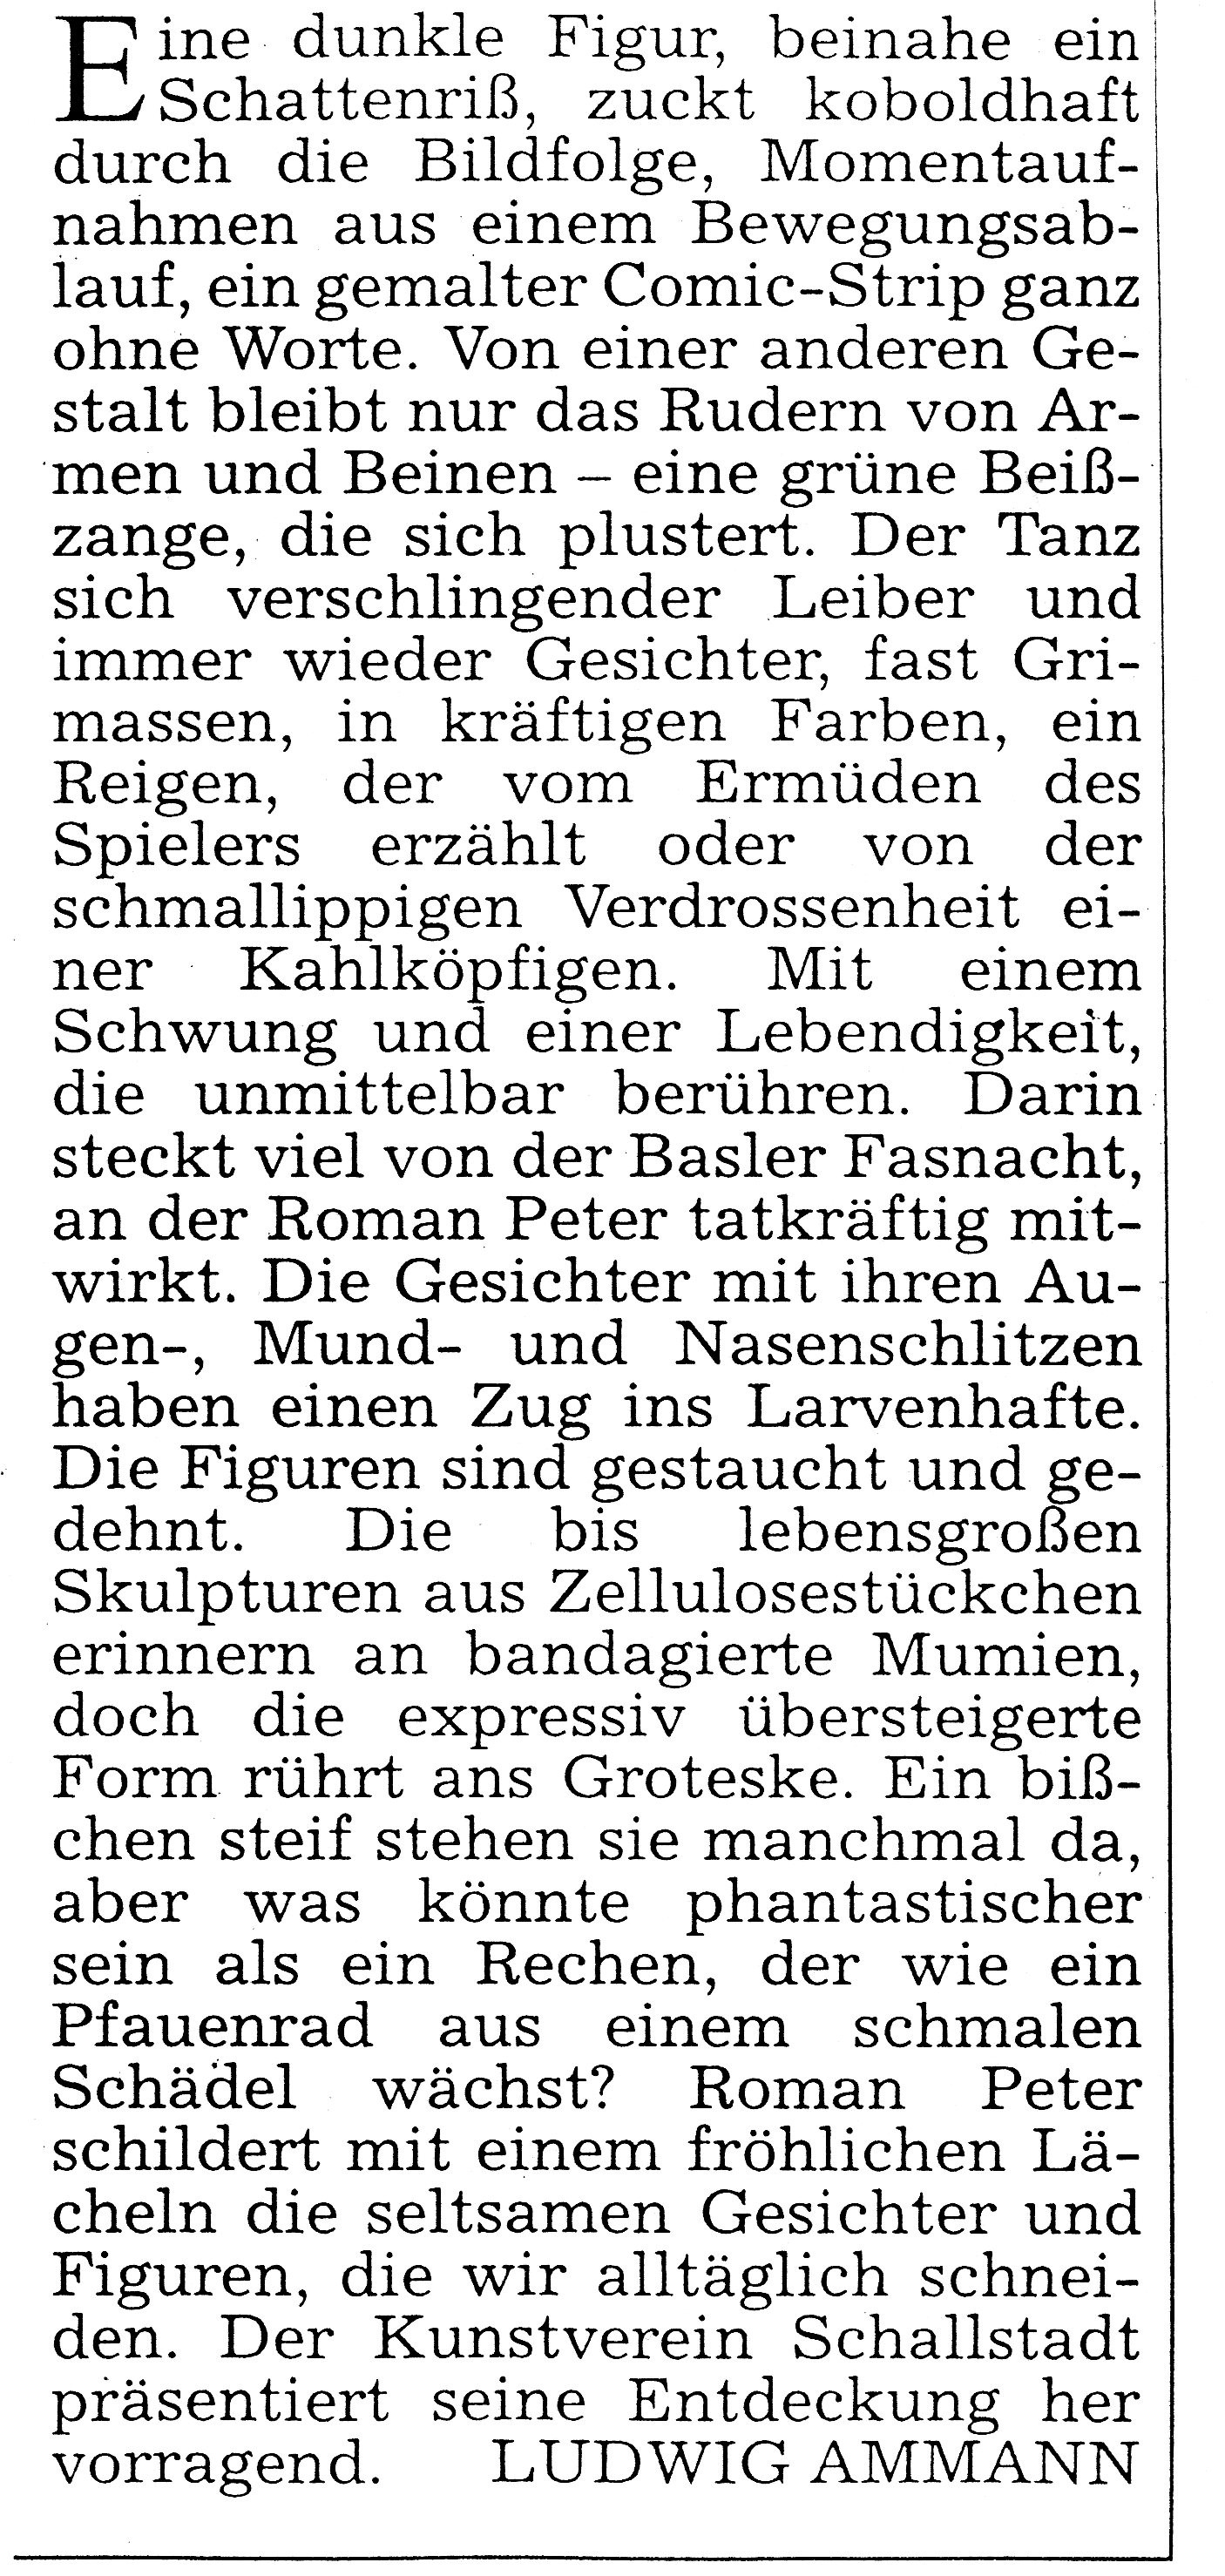 1997, Badische Zeitung